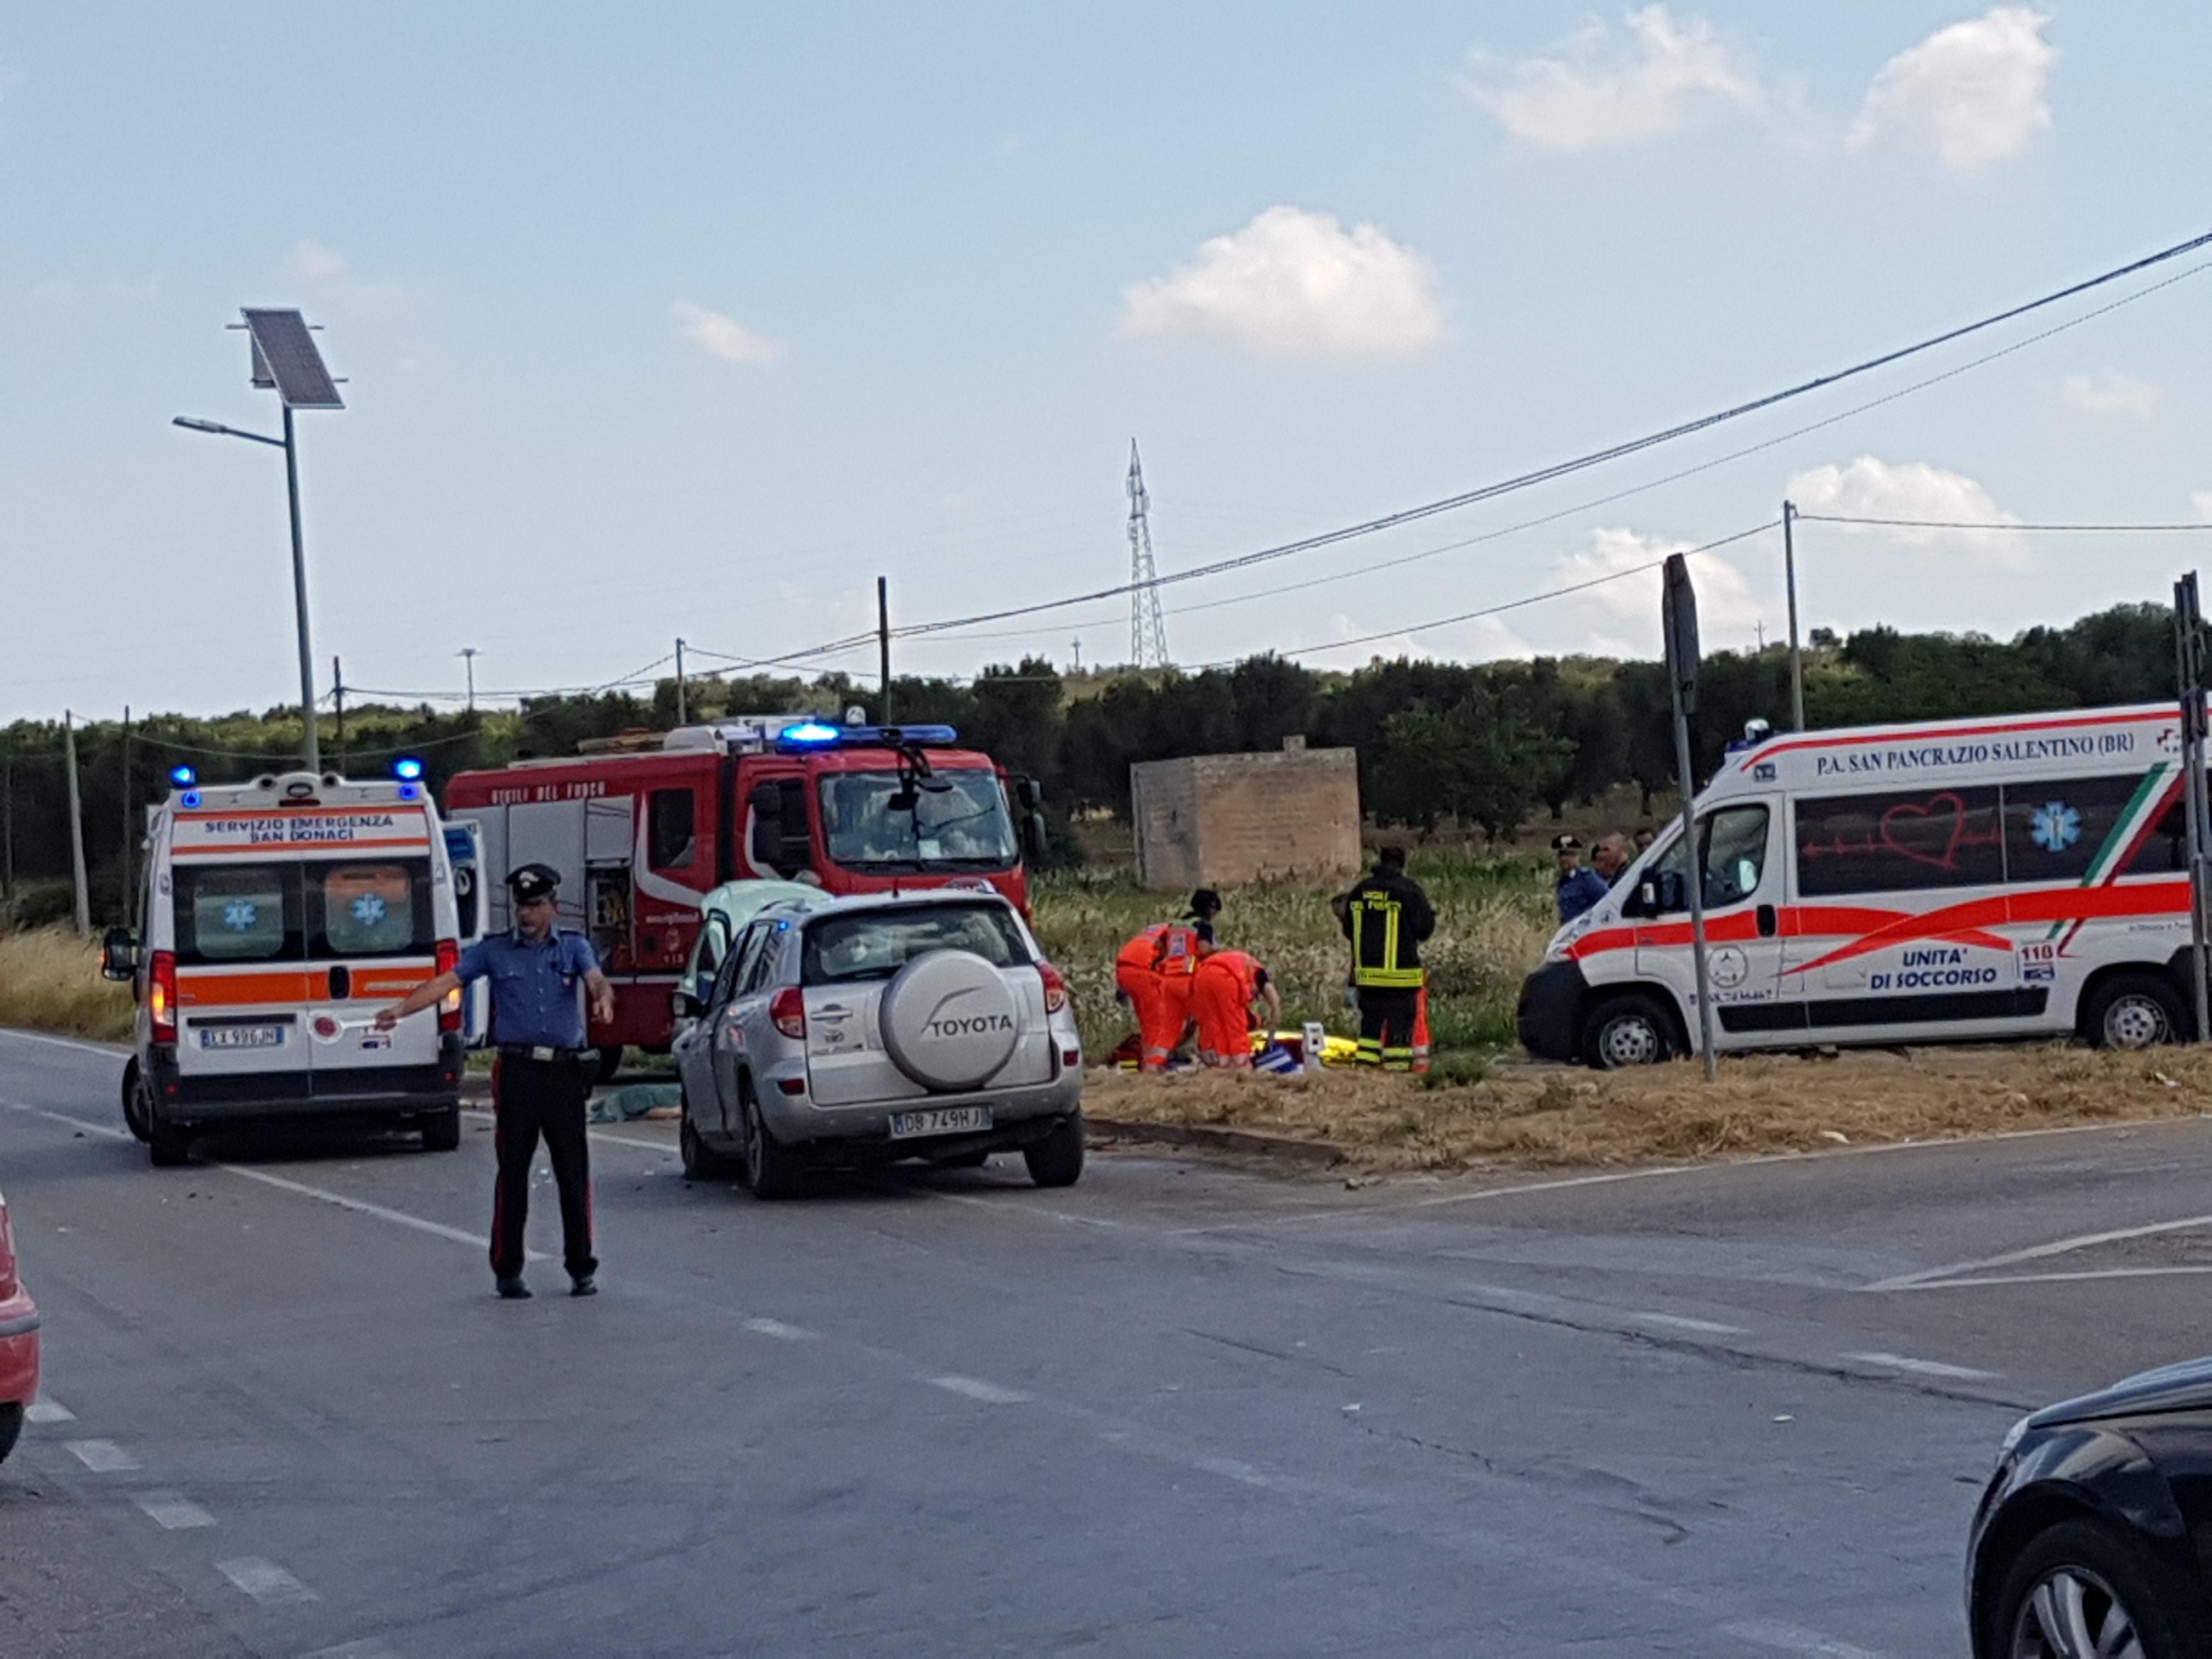 Tragedia sulla provinciale Torre Mesagne, due morti – I NOMI